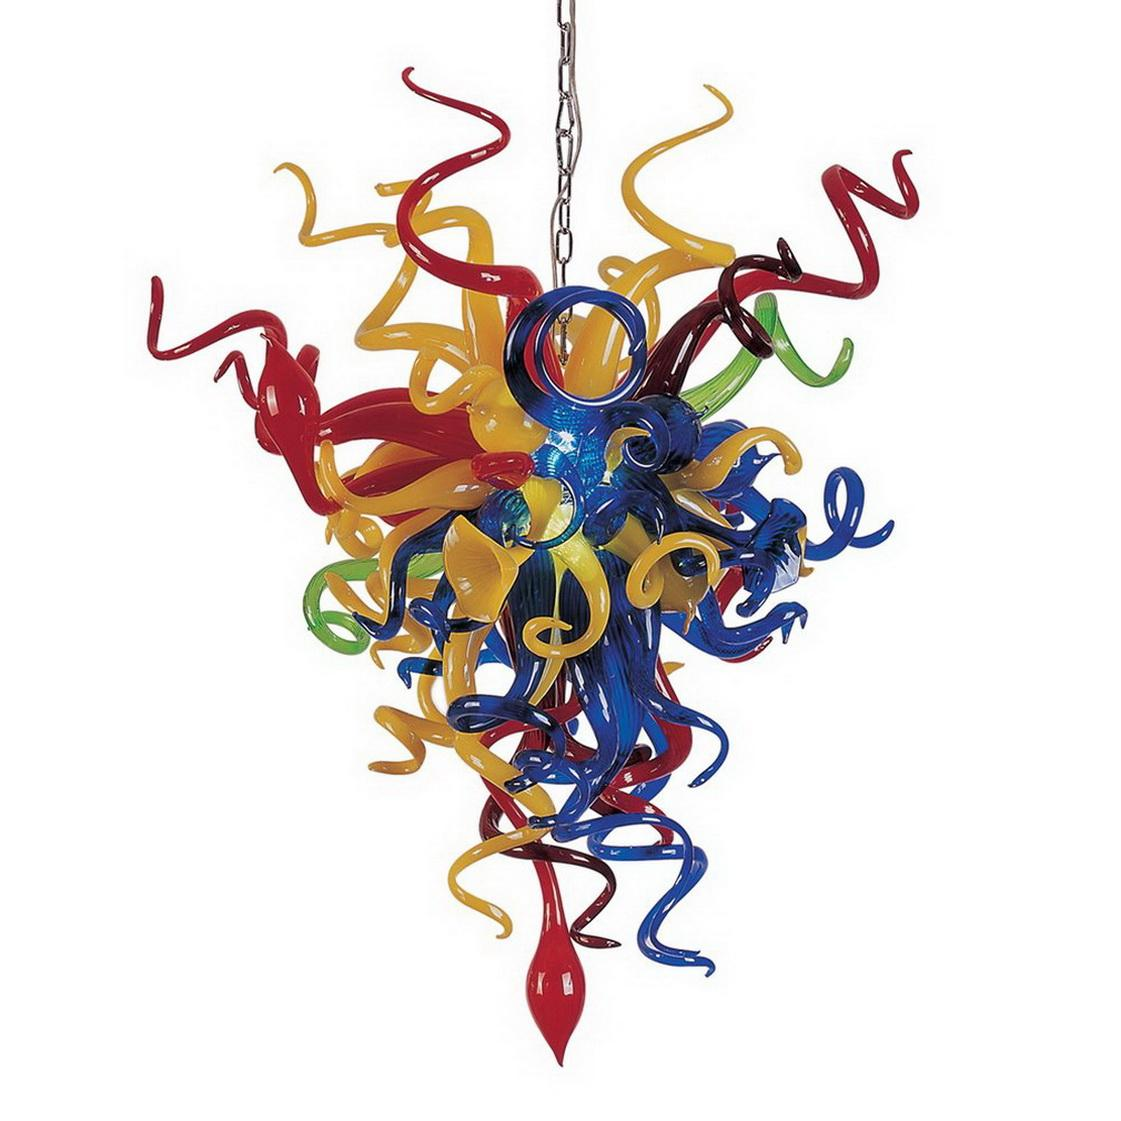 Разноцветные рука выдувное стекло люстра Бесплатная доставка 110/220 В AC Сид стеклянной лампы Романтическая спальня